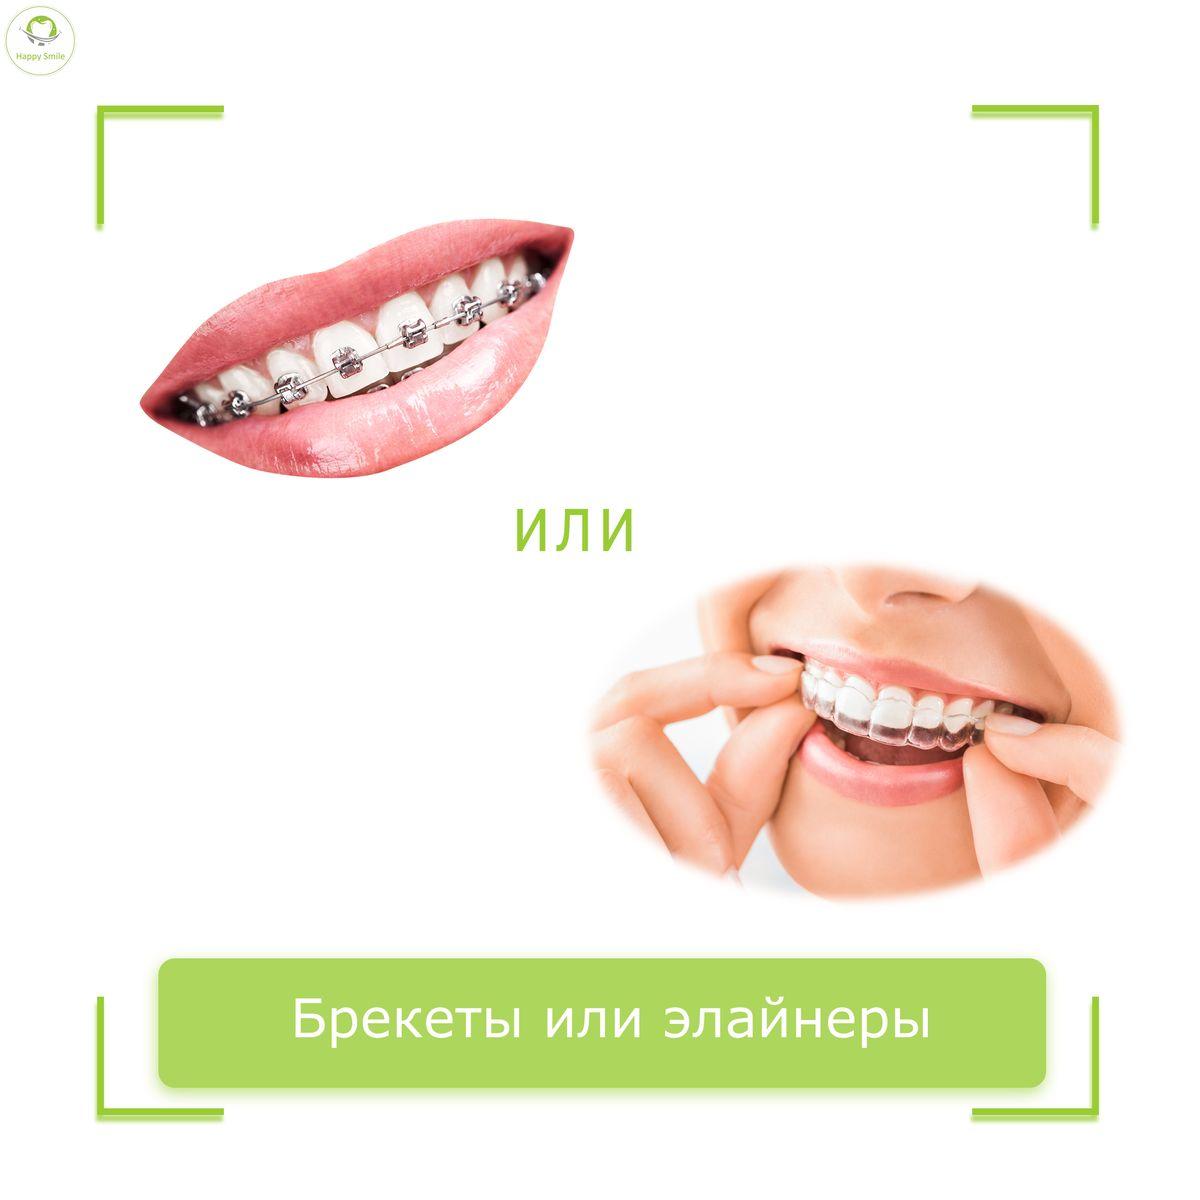 Как незаметно для окружающих сделать красивую улыбку?